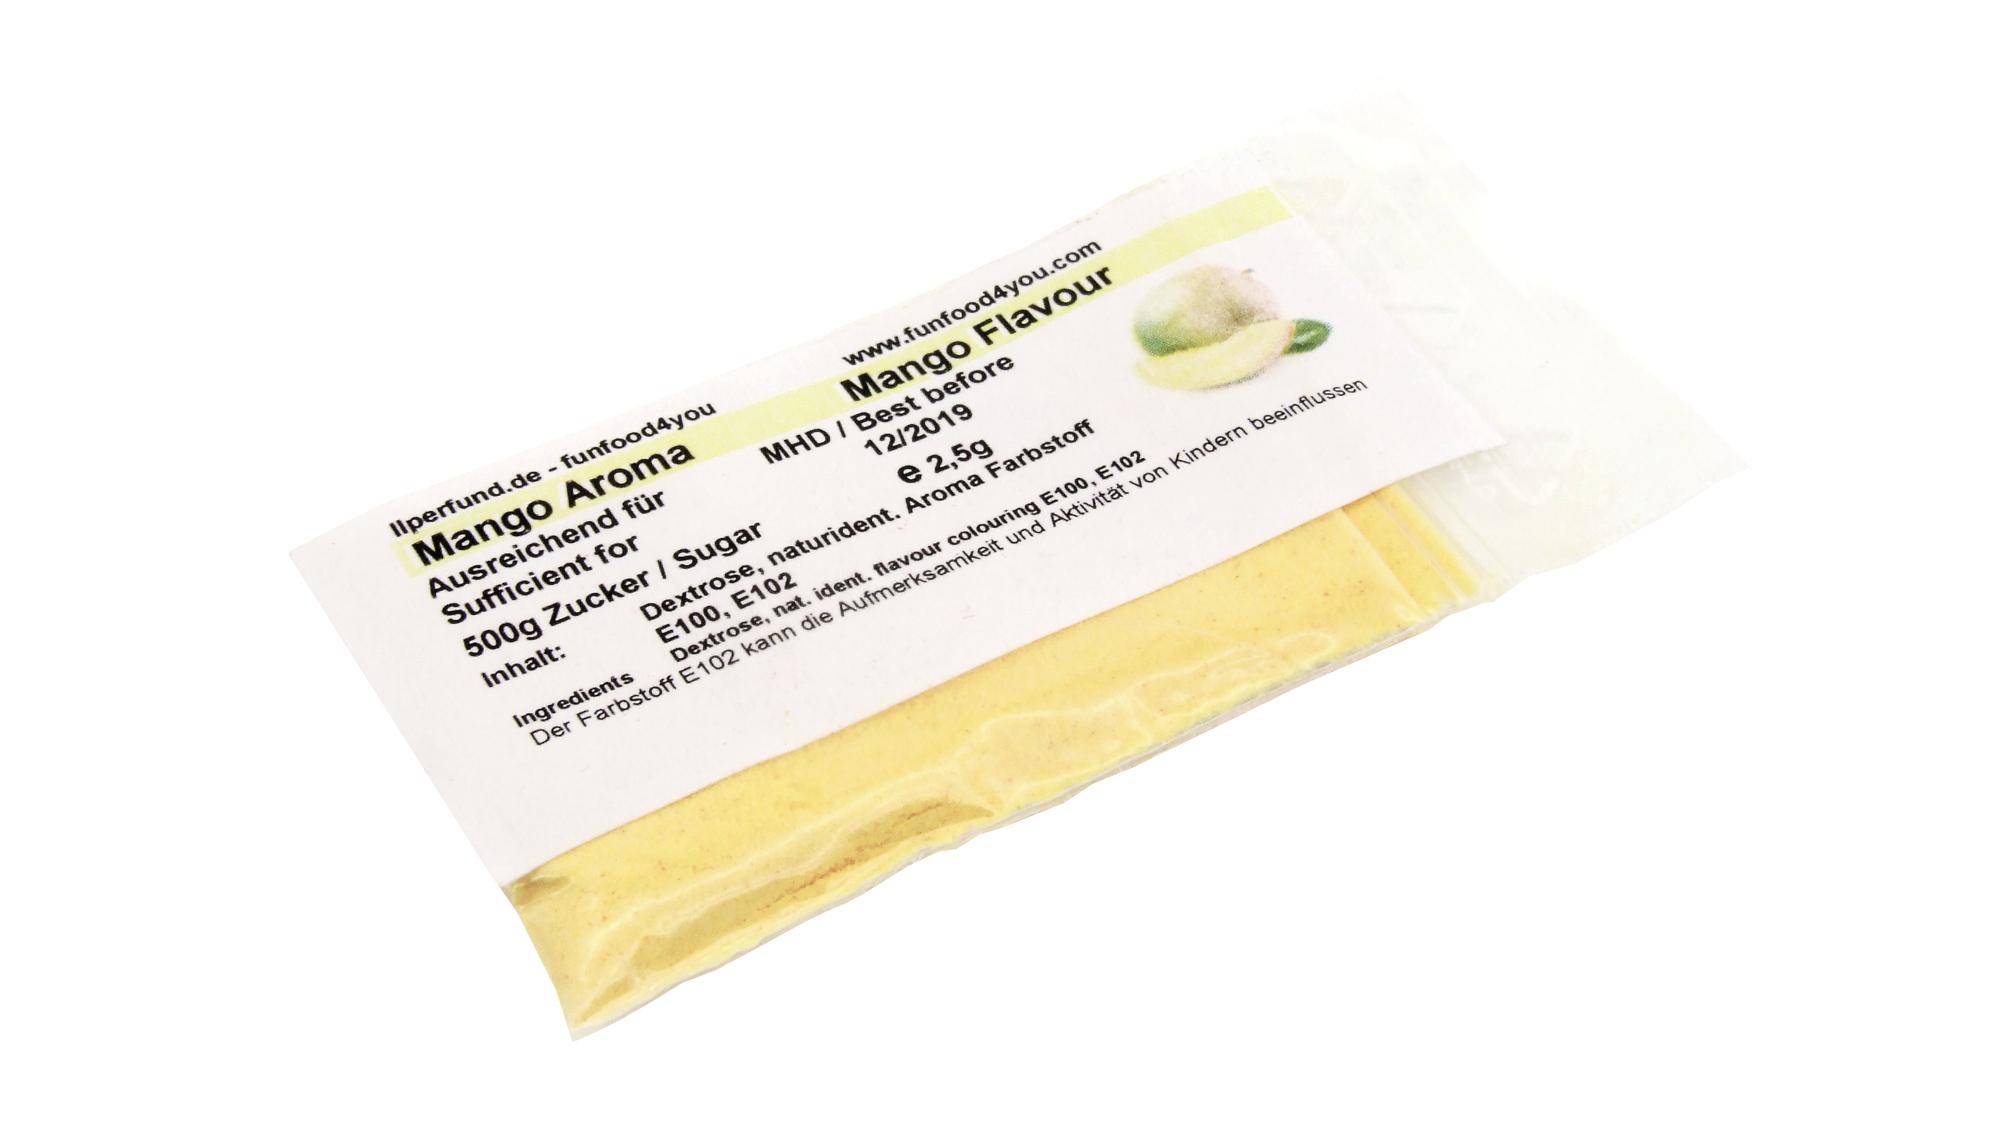 Mango Farbaroma kaufen